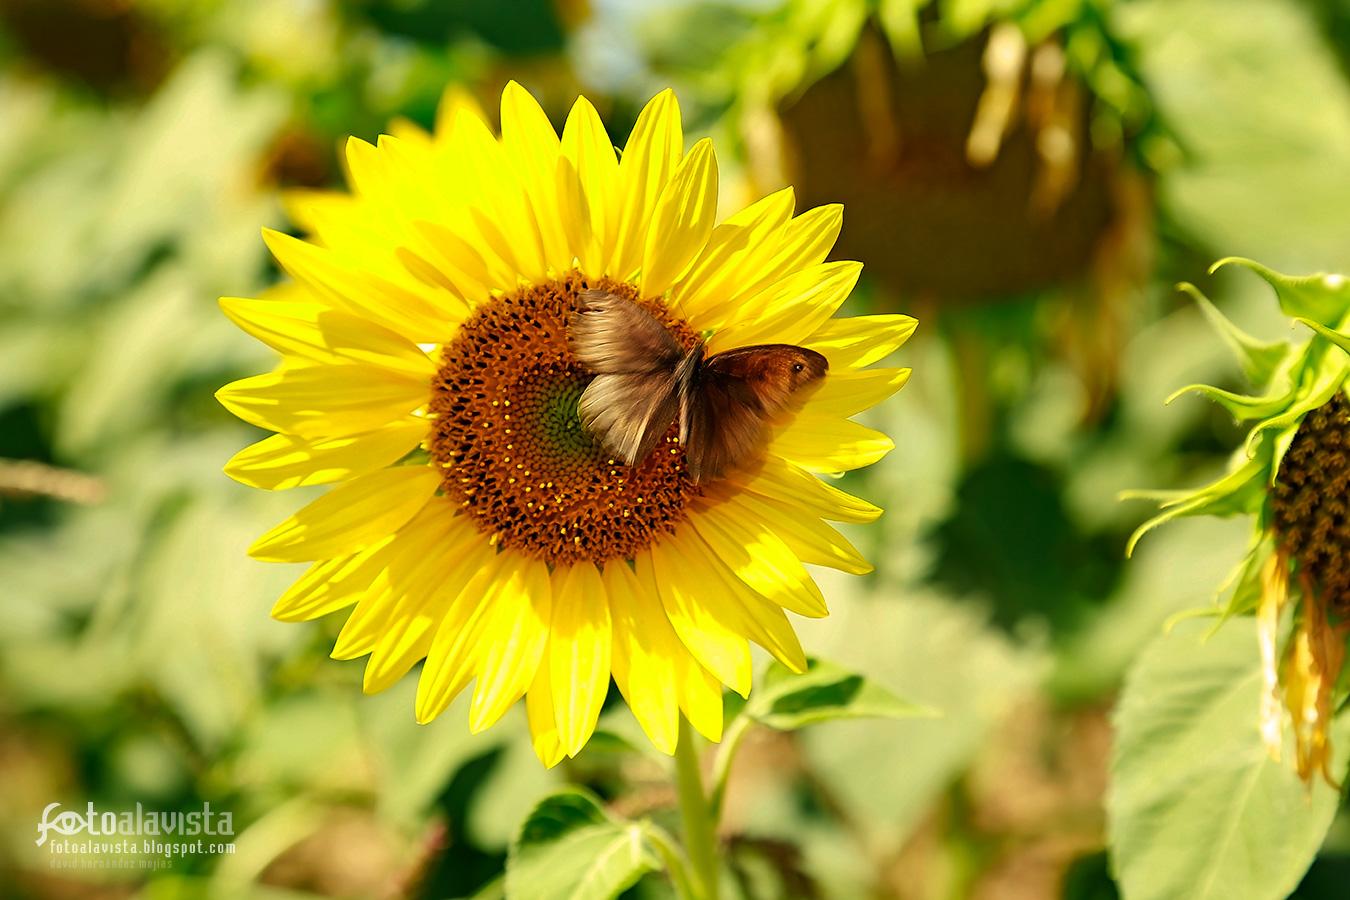 El girasol y la mariposa que se transforma - Fotografía